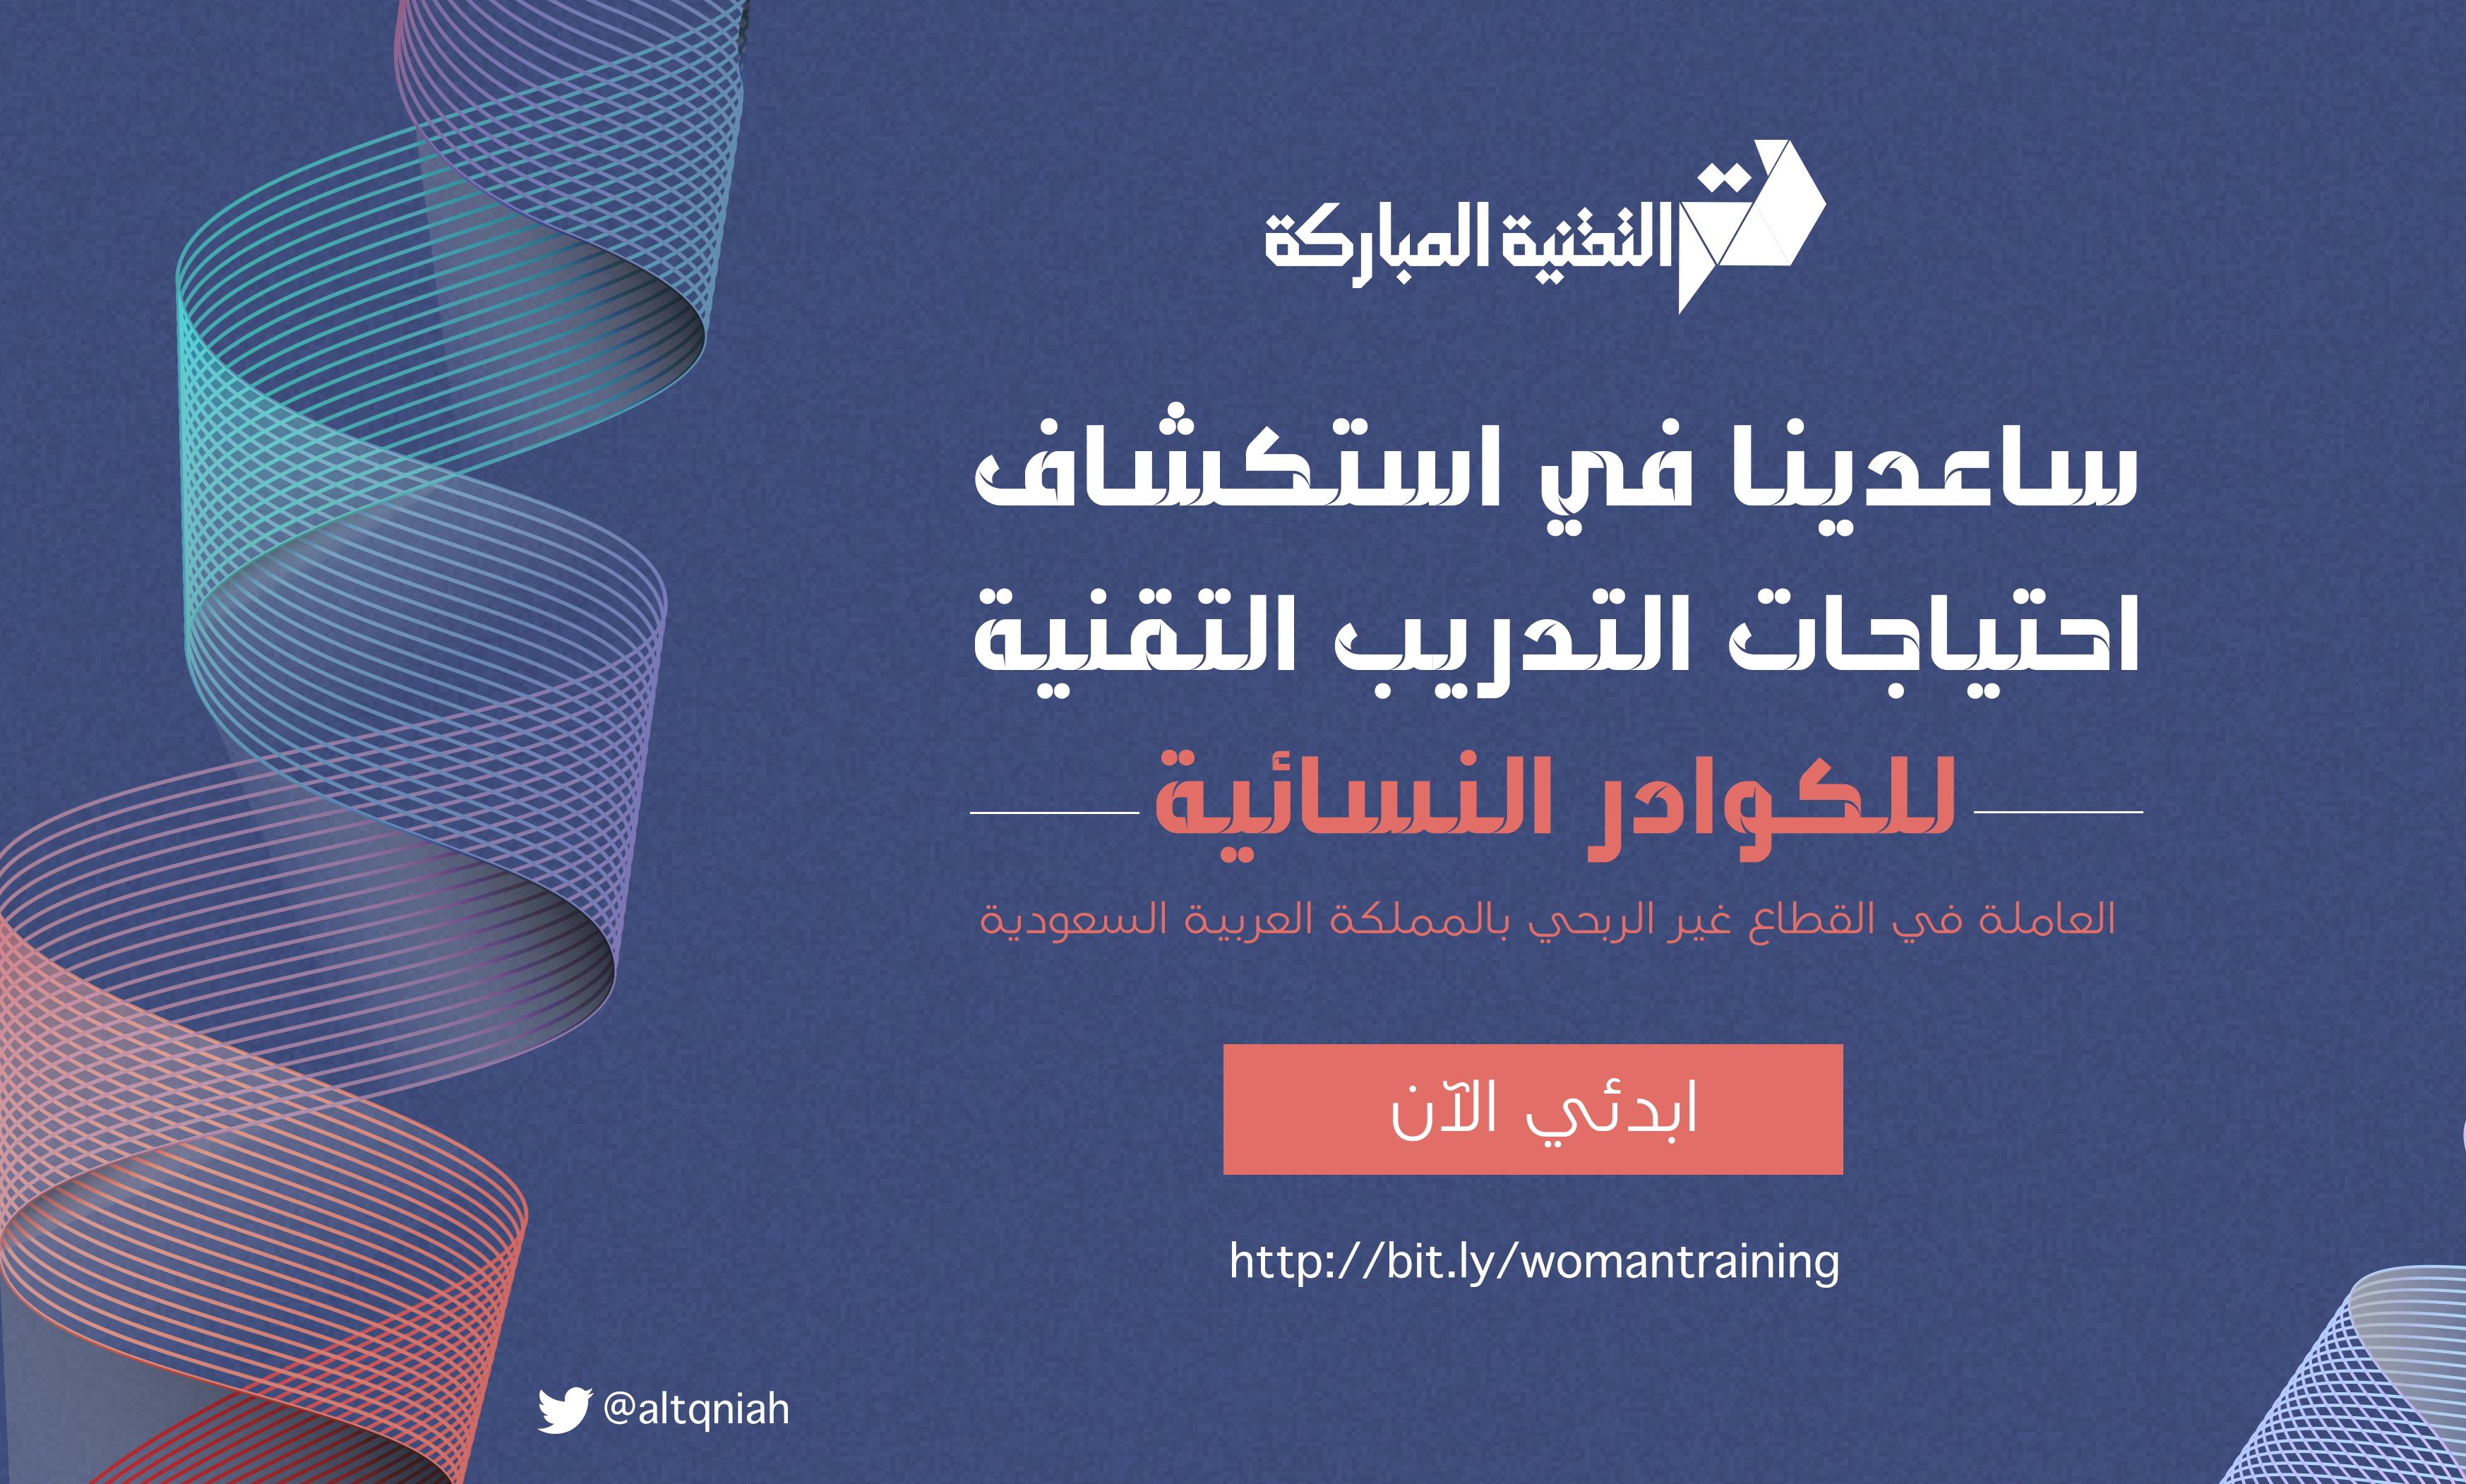 التقنية المباركة تدرس احتياجات التدريب التقنية للكوادر النسائية العاملة في القطاع غير الربحي السعودي